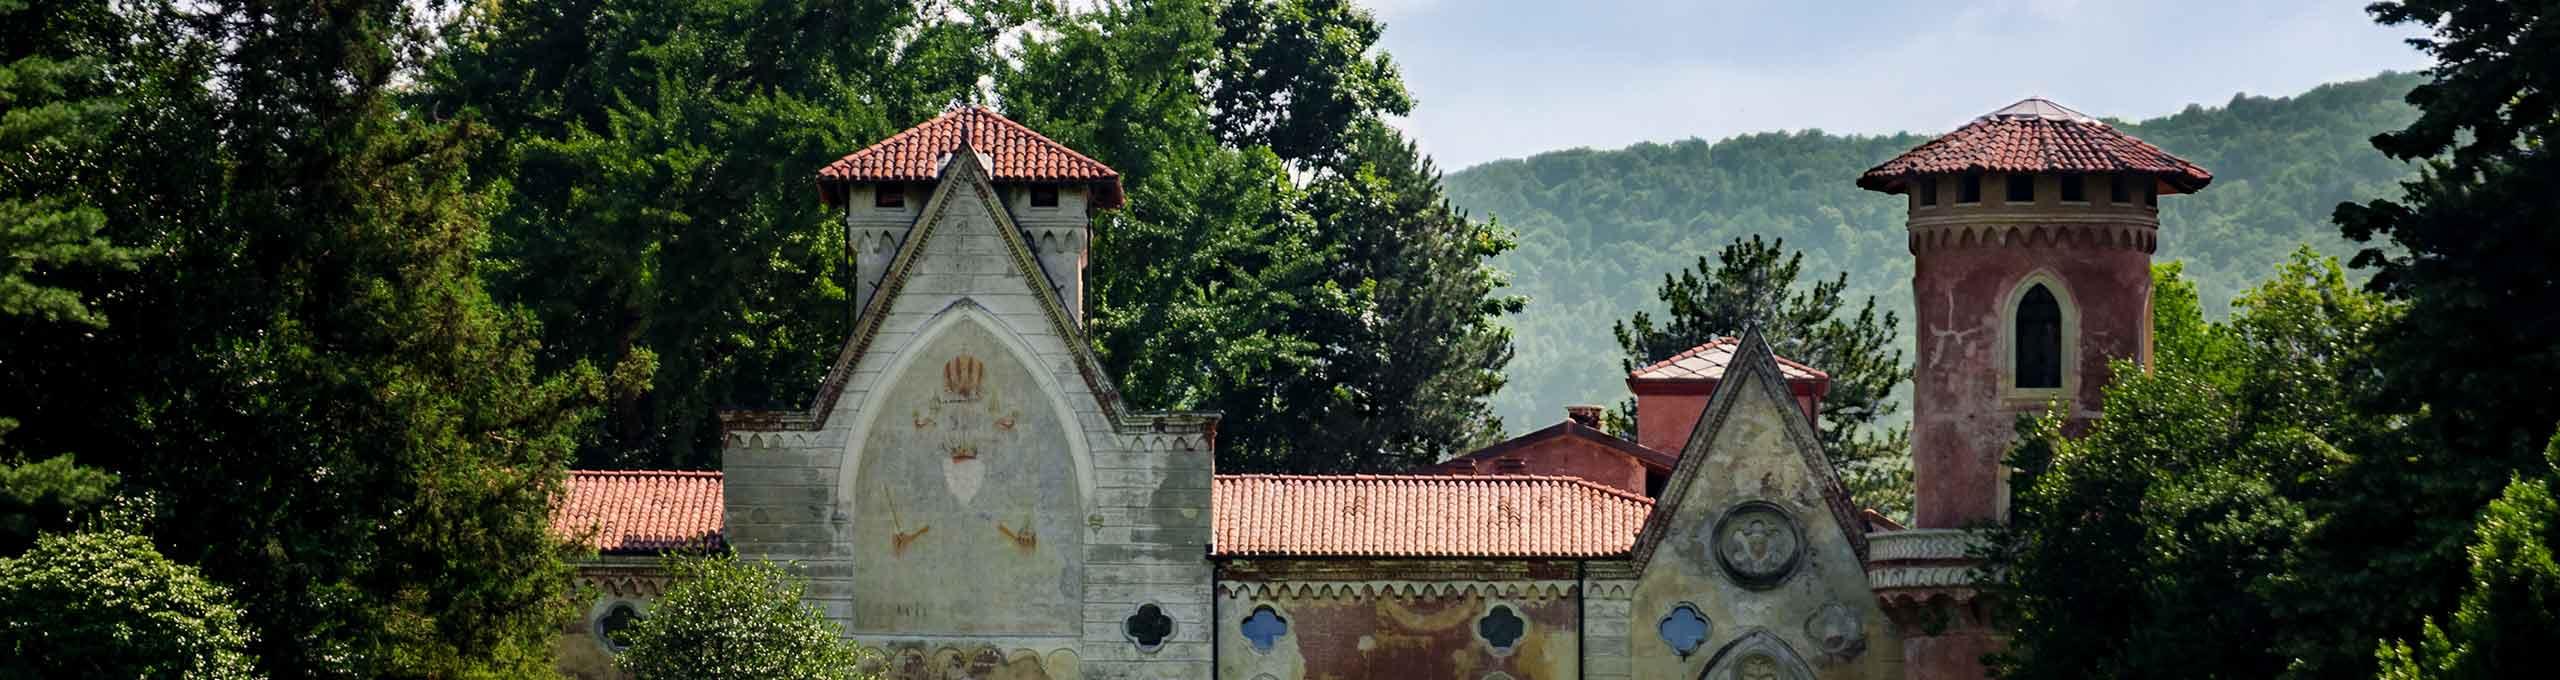 Pinerolo e Valli Valdesi, Castello di Miradolo